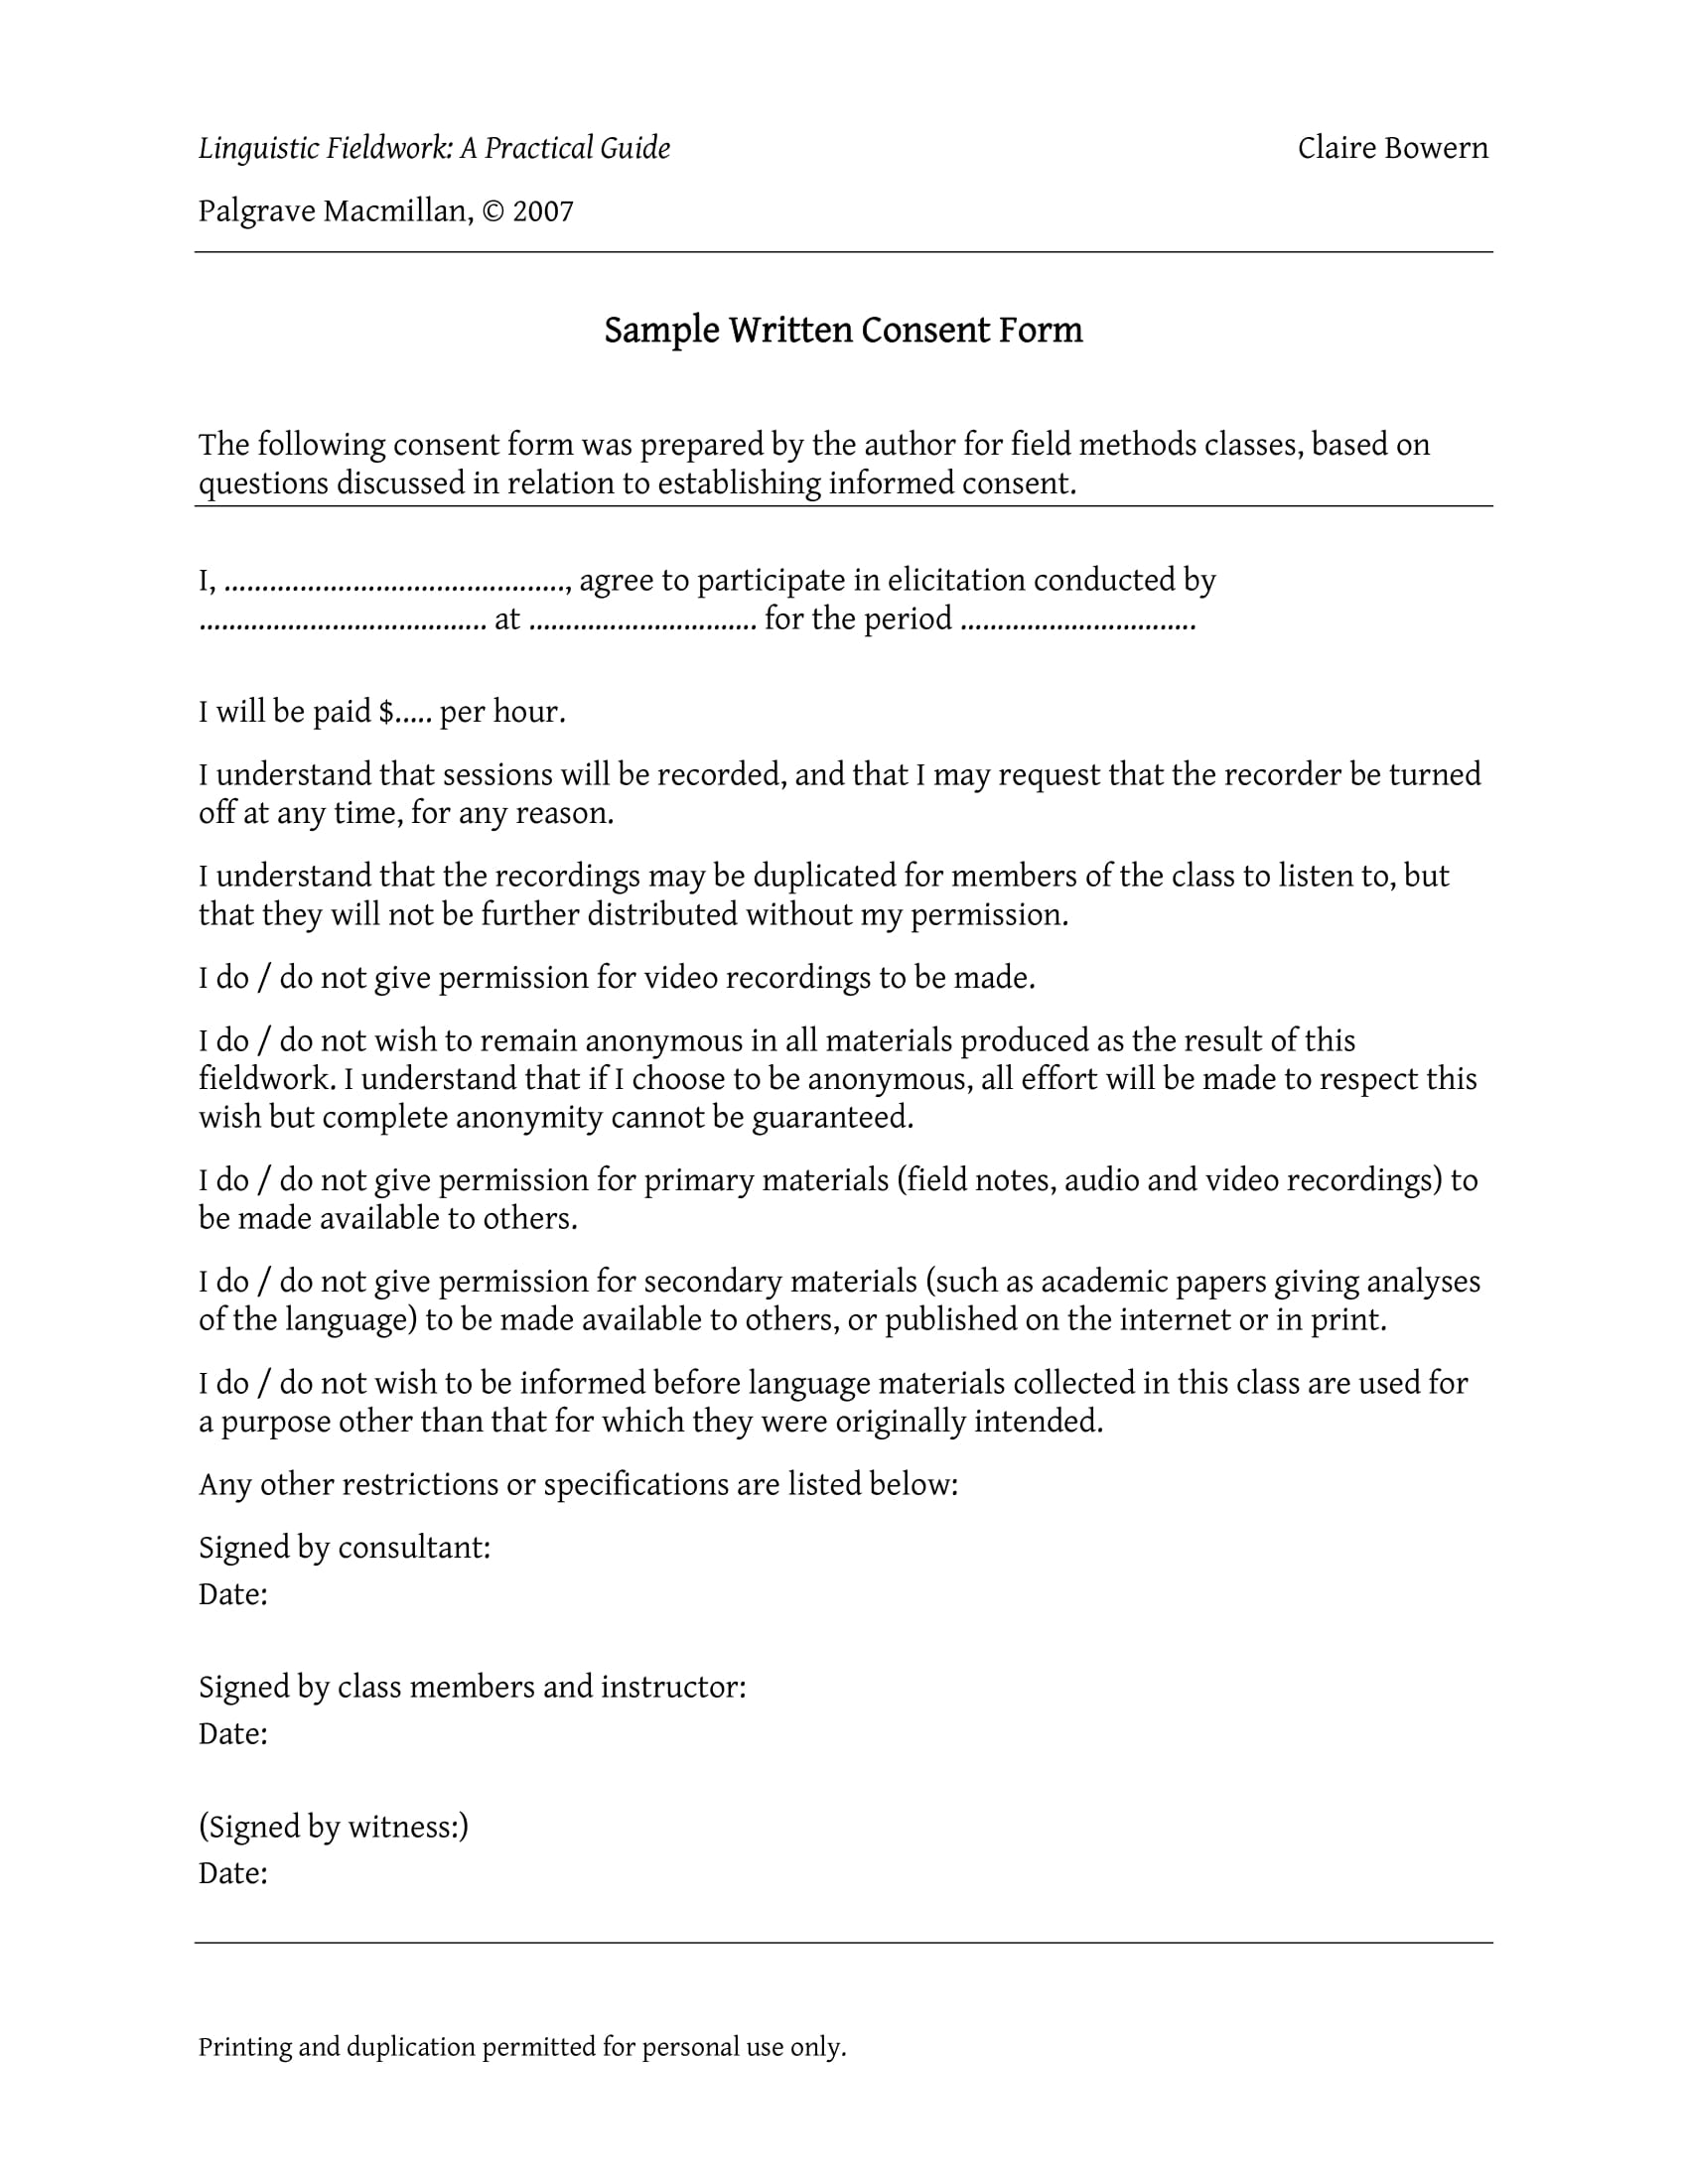 sample written consent form 1